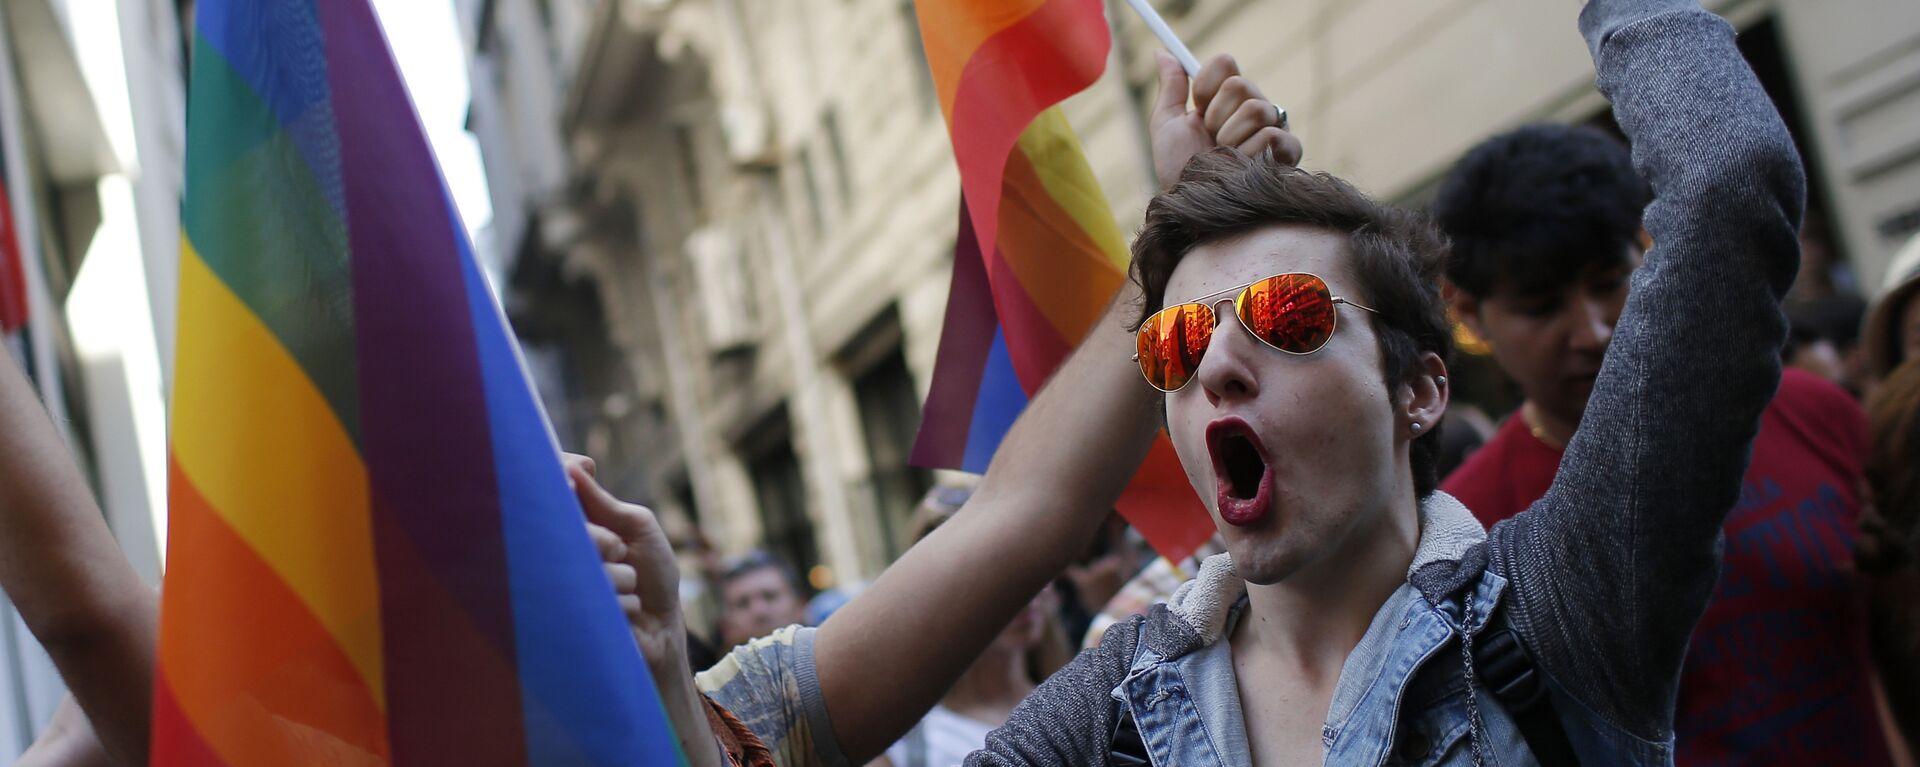 Pride week. Ilustrační foto - Sputnik Česká republika, 1920, 29.06.2021